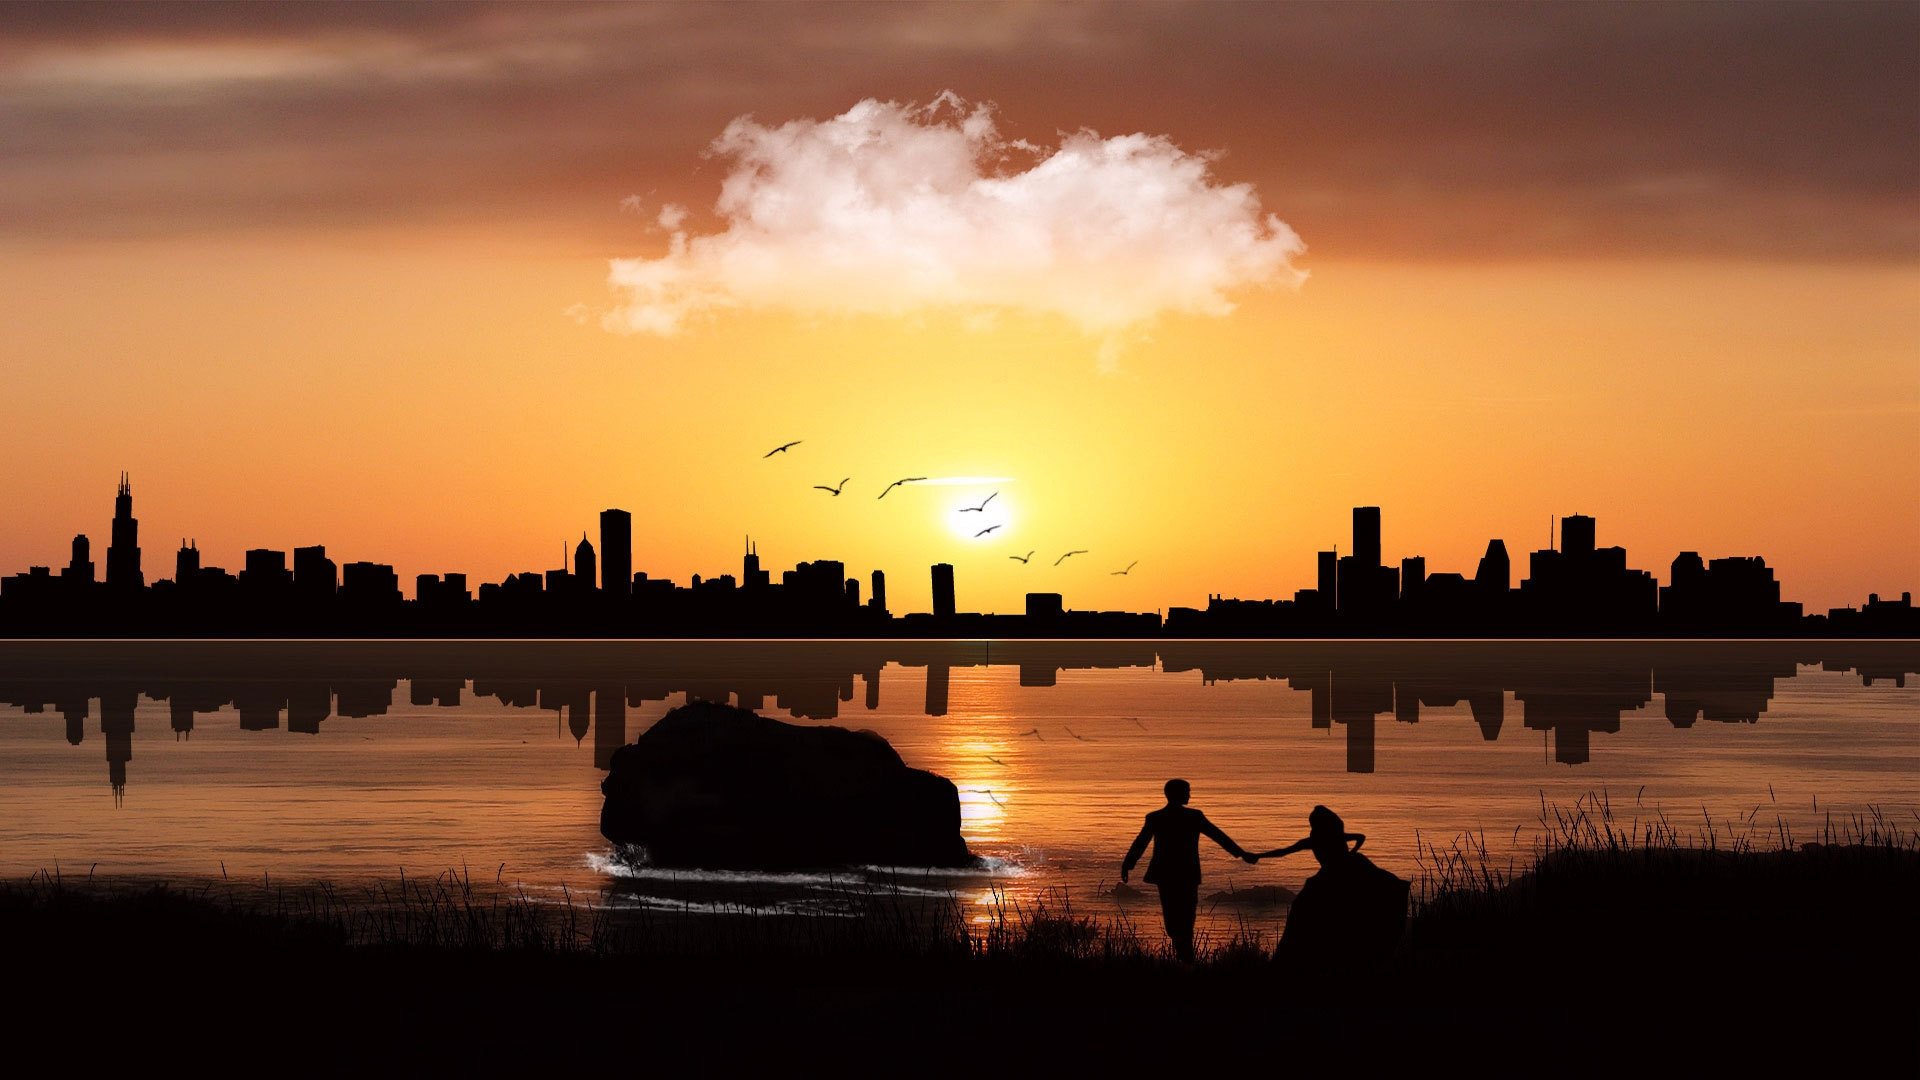 Скачать картинку Люди, Закат, Пейзаж в телефон бесплатно.